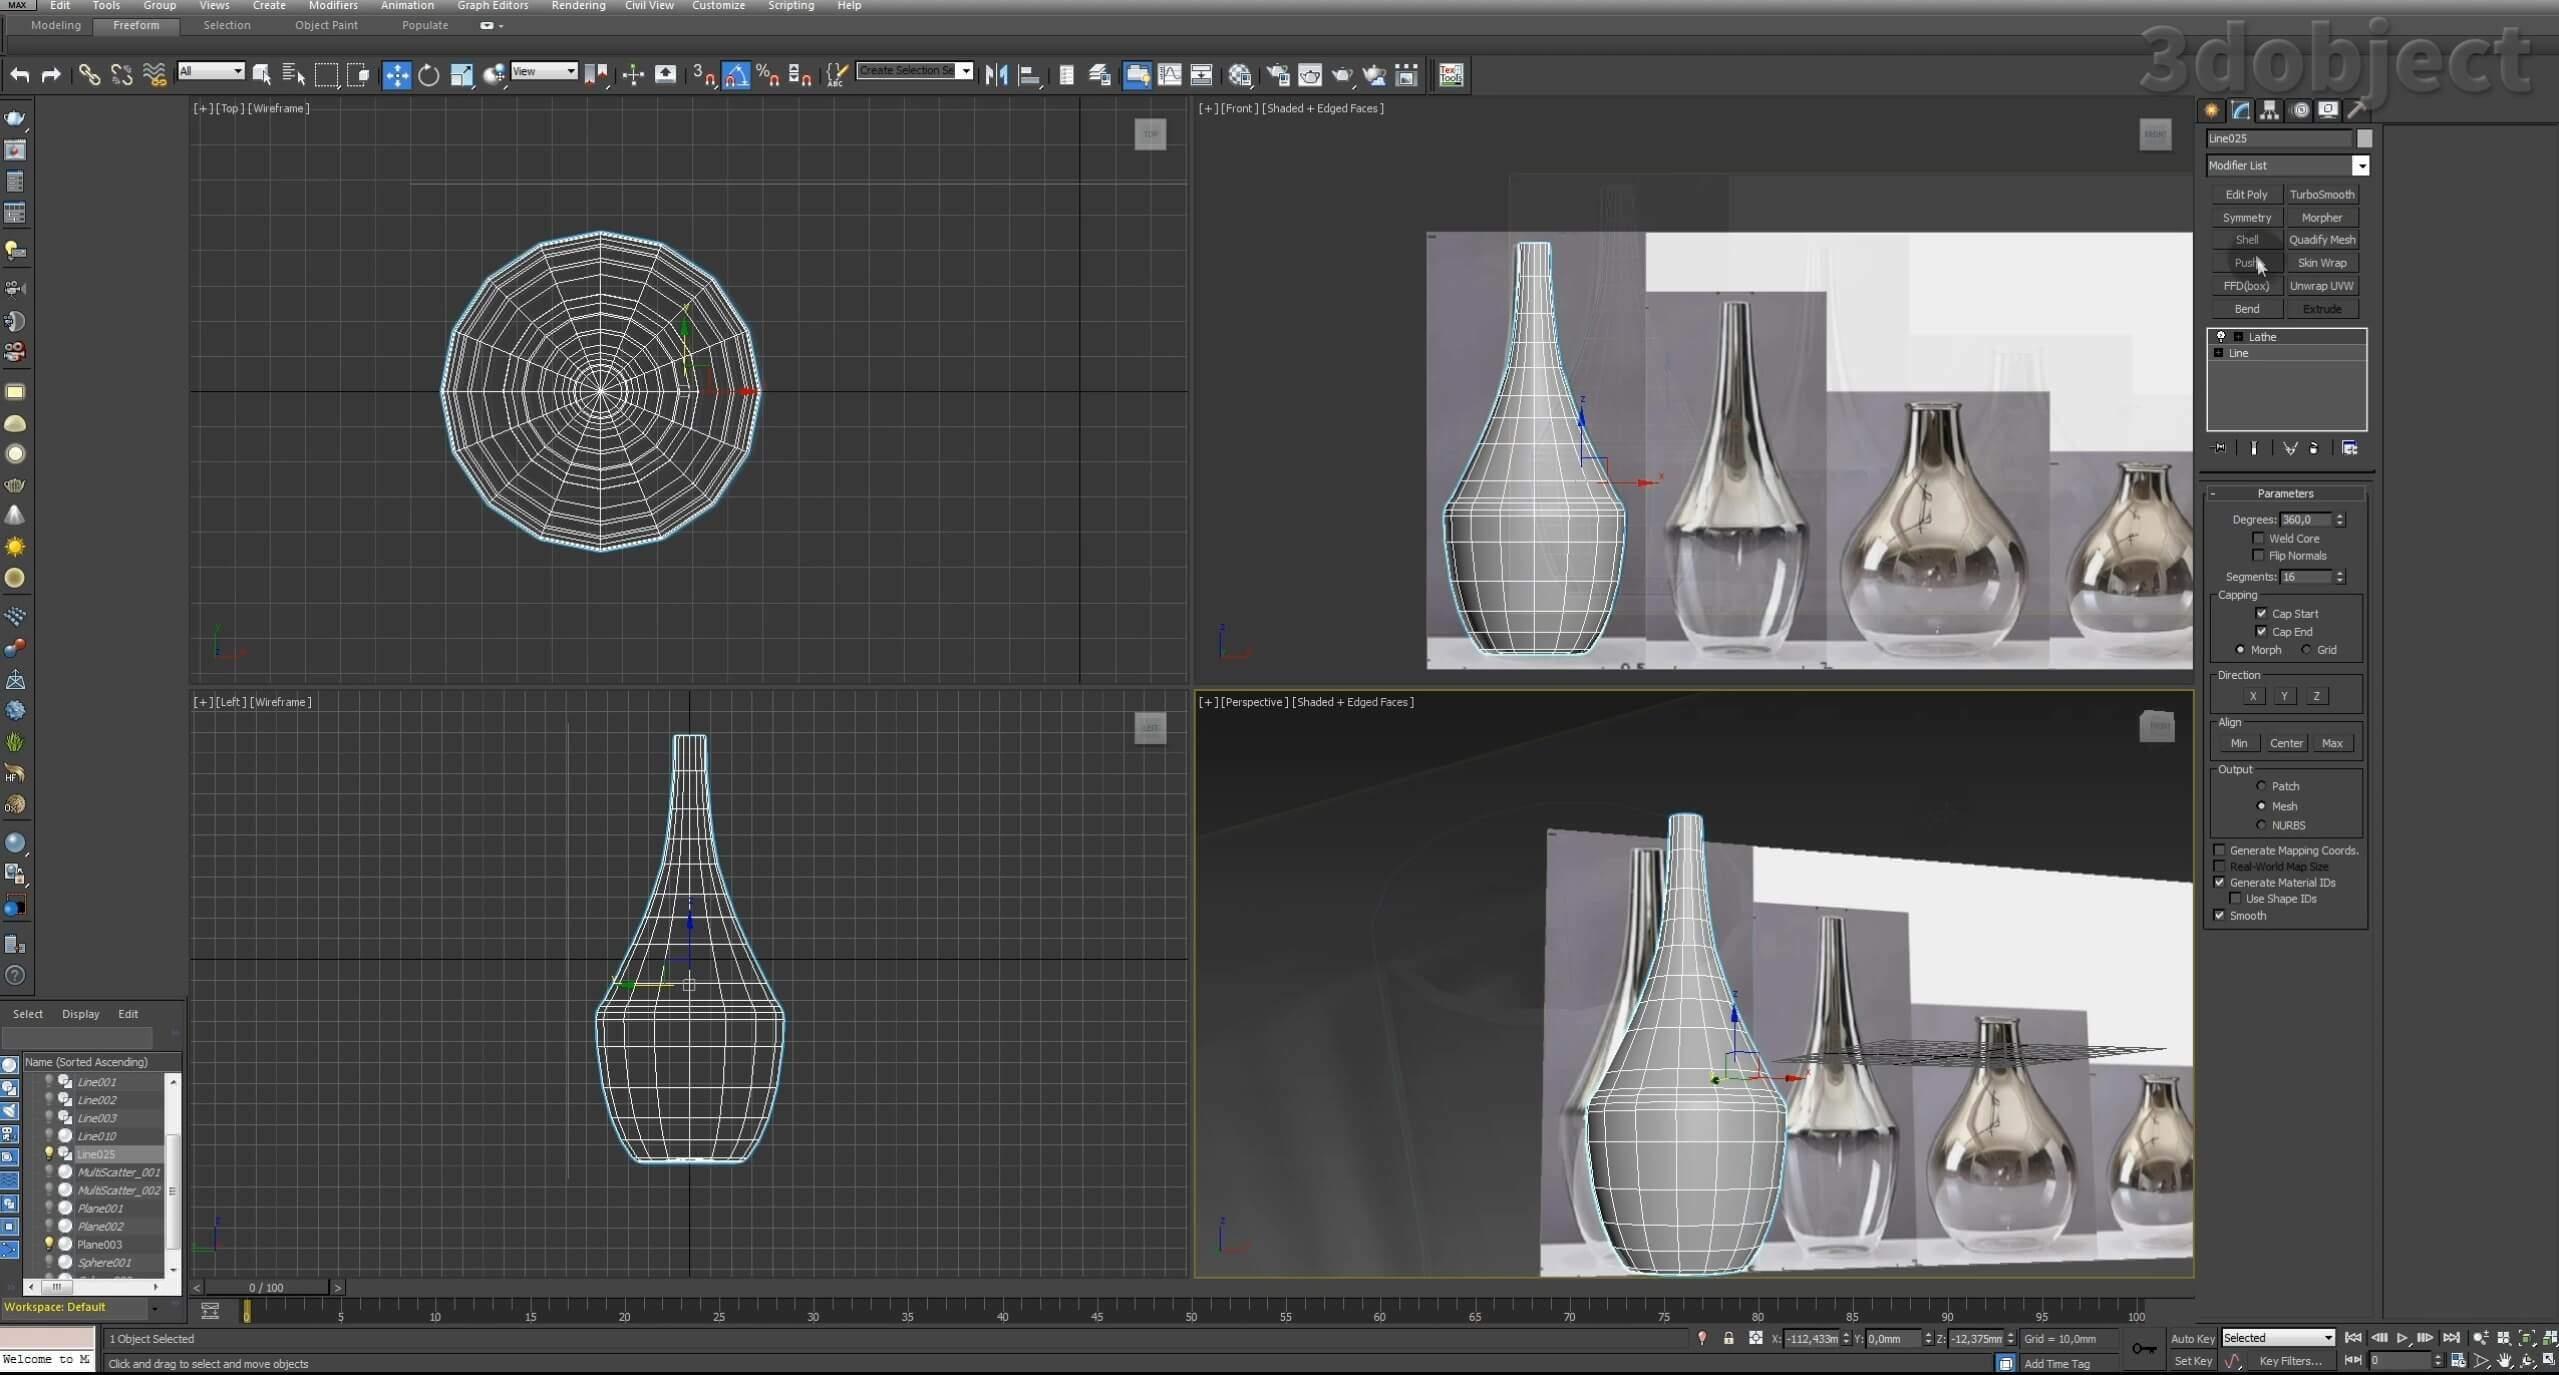 Моделирование вазы. Текстурирование в 3d max. Gradient map = Gradient mask_2